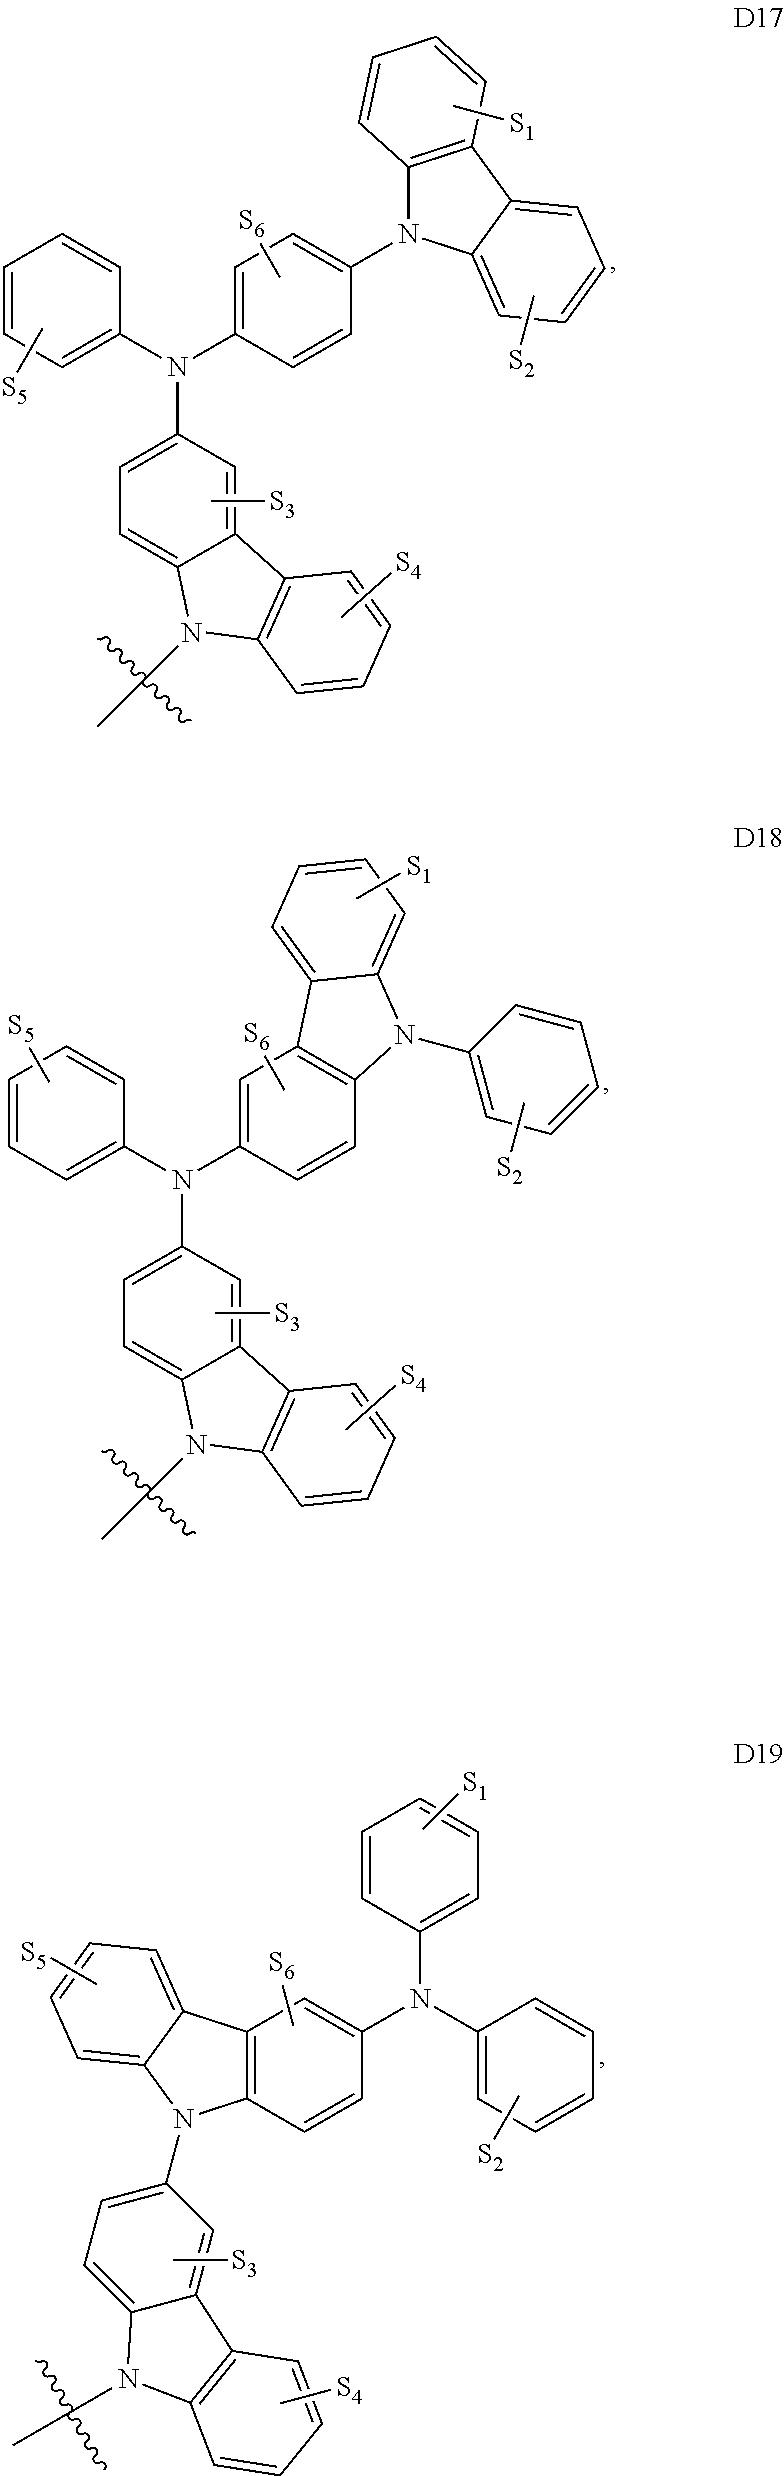 Figure US09324949-20160426-C00051